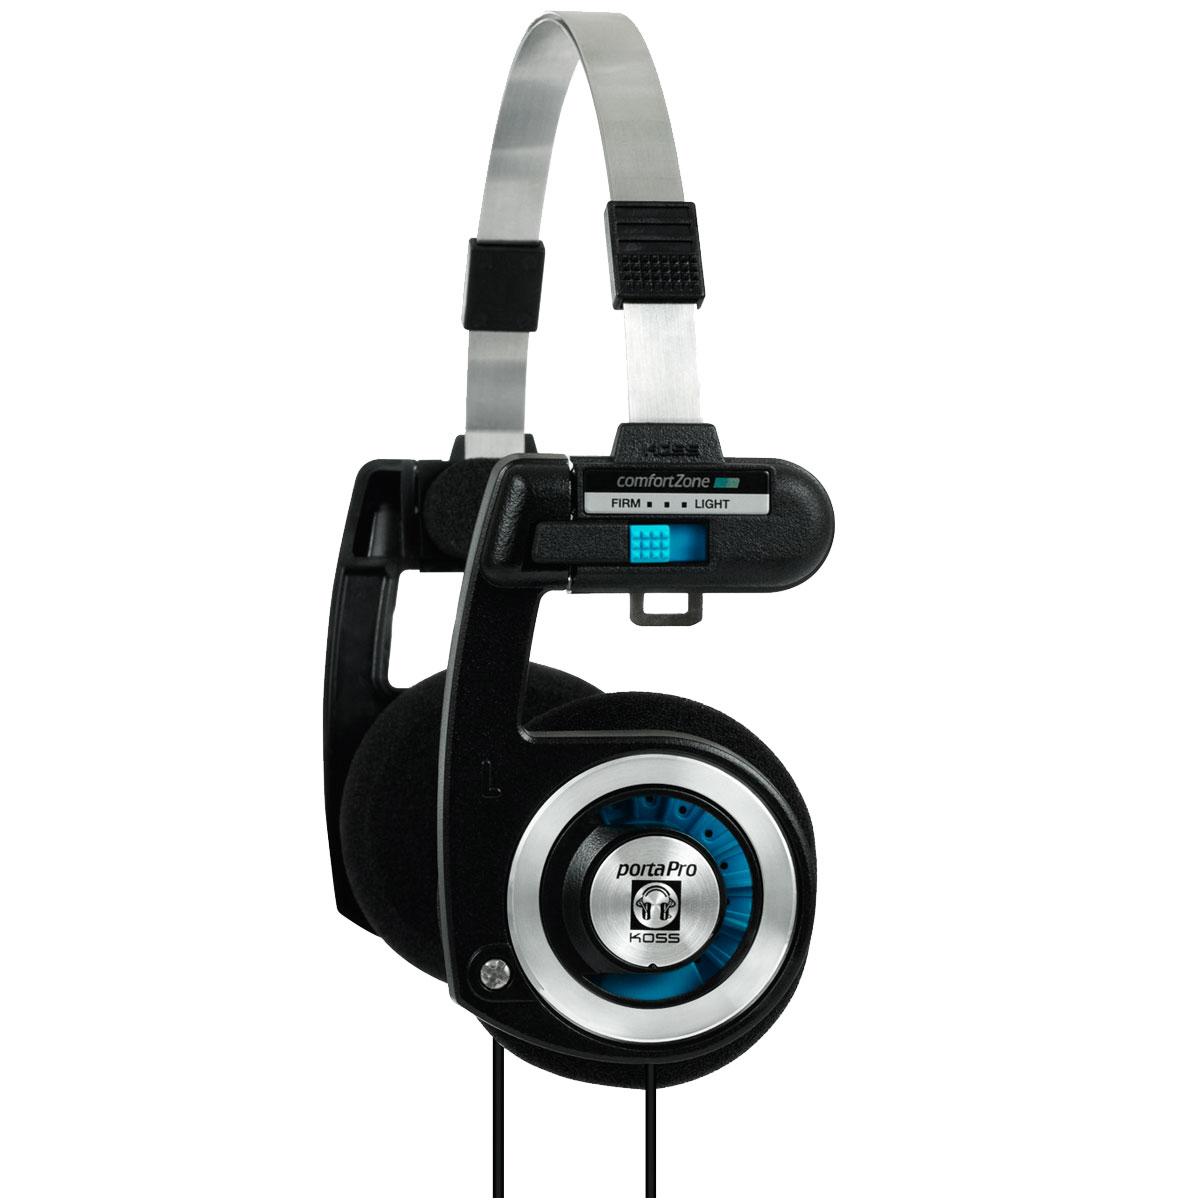 PortaPRO - Fone de Ouvido On-ear Profissional para Retorno de Bandas Porta PRO com Garantia Vitalícia KOSS